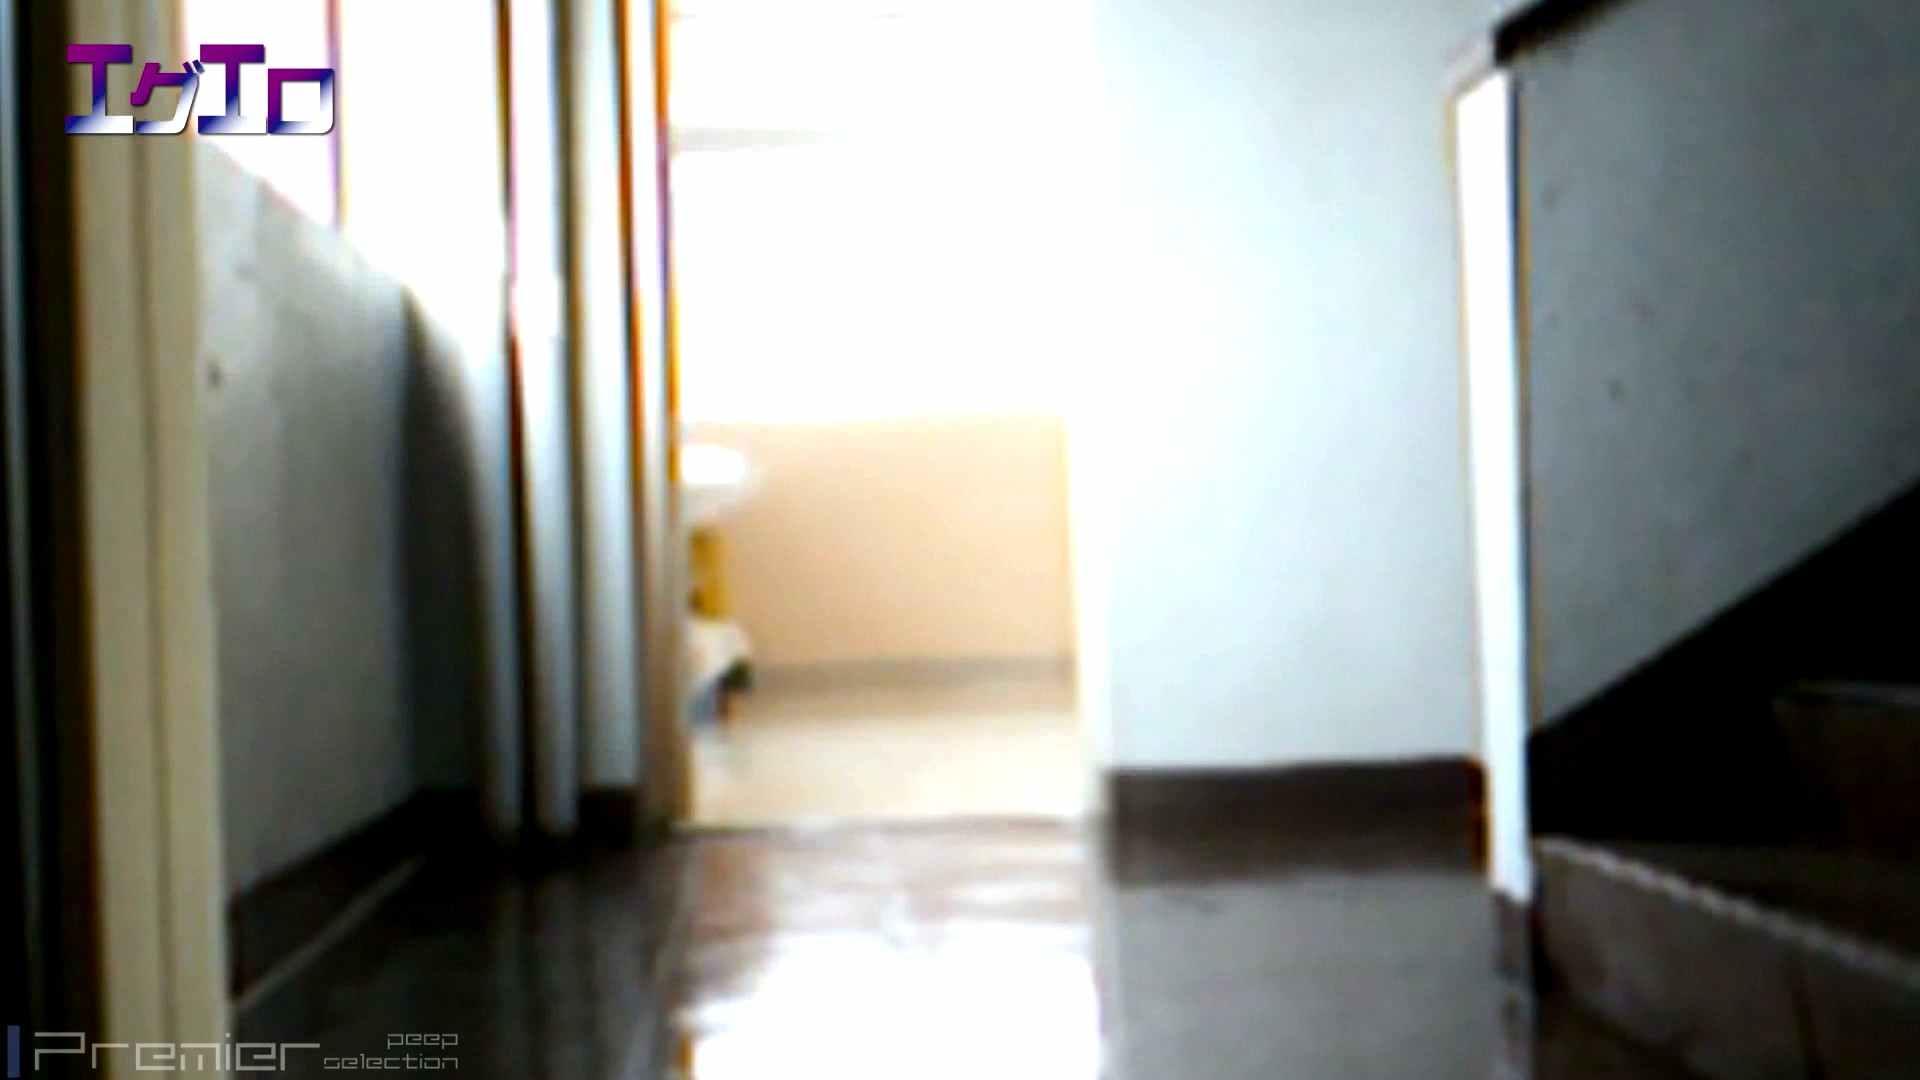 至近距離洗面所 Vol.10ブルージーンズギャルの大放nyo 萌えギャル オマンコ無修正動画無料 96連発 11